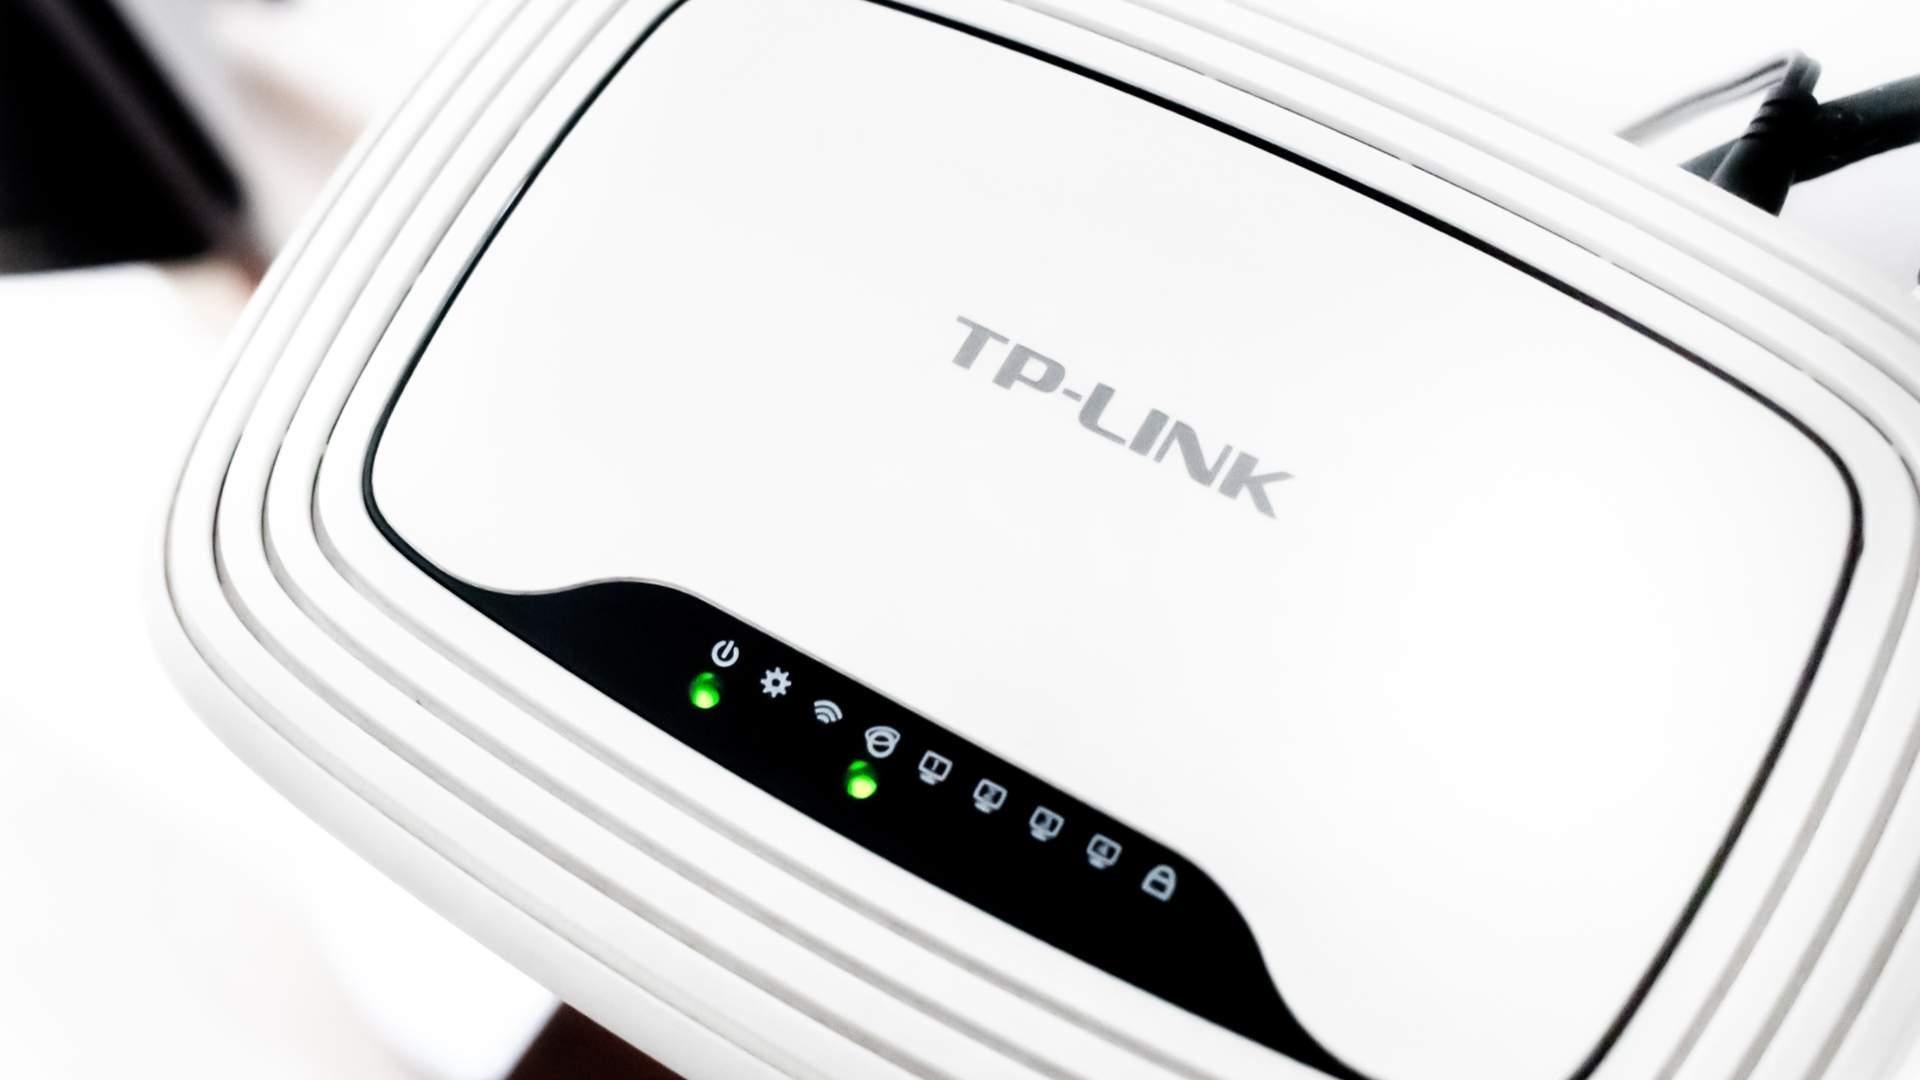 Os roteadores TP-Link são famosos, e a marca tem bastante prestígio entre os consumidores (Fonte: rafastockbr / Shutterstock.com)